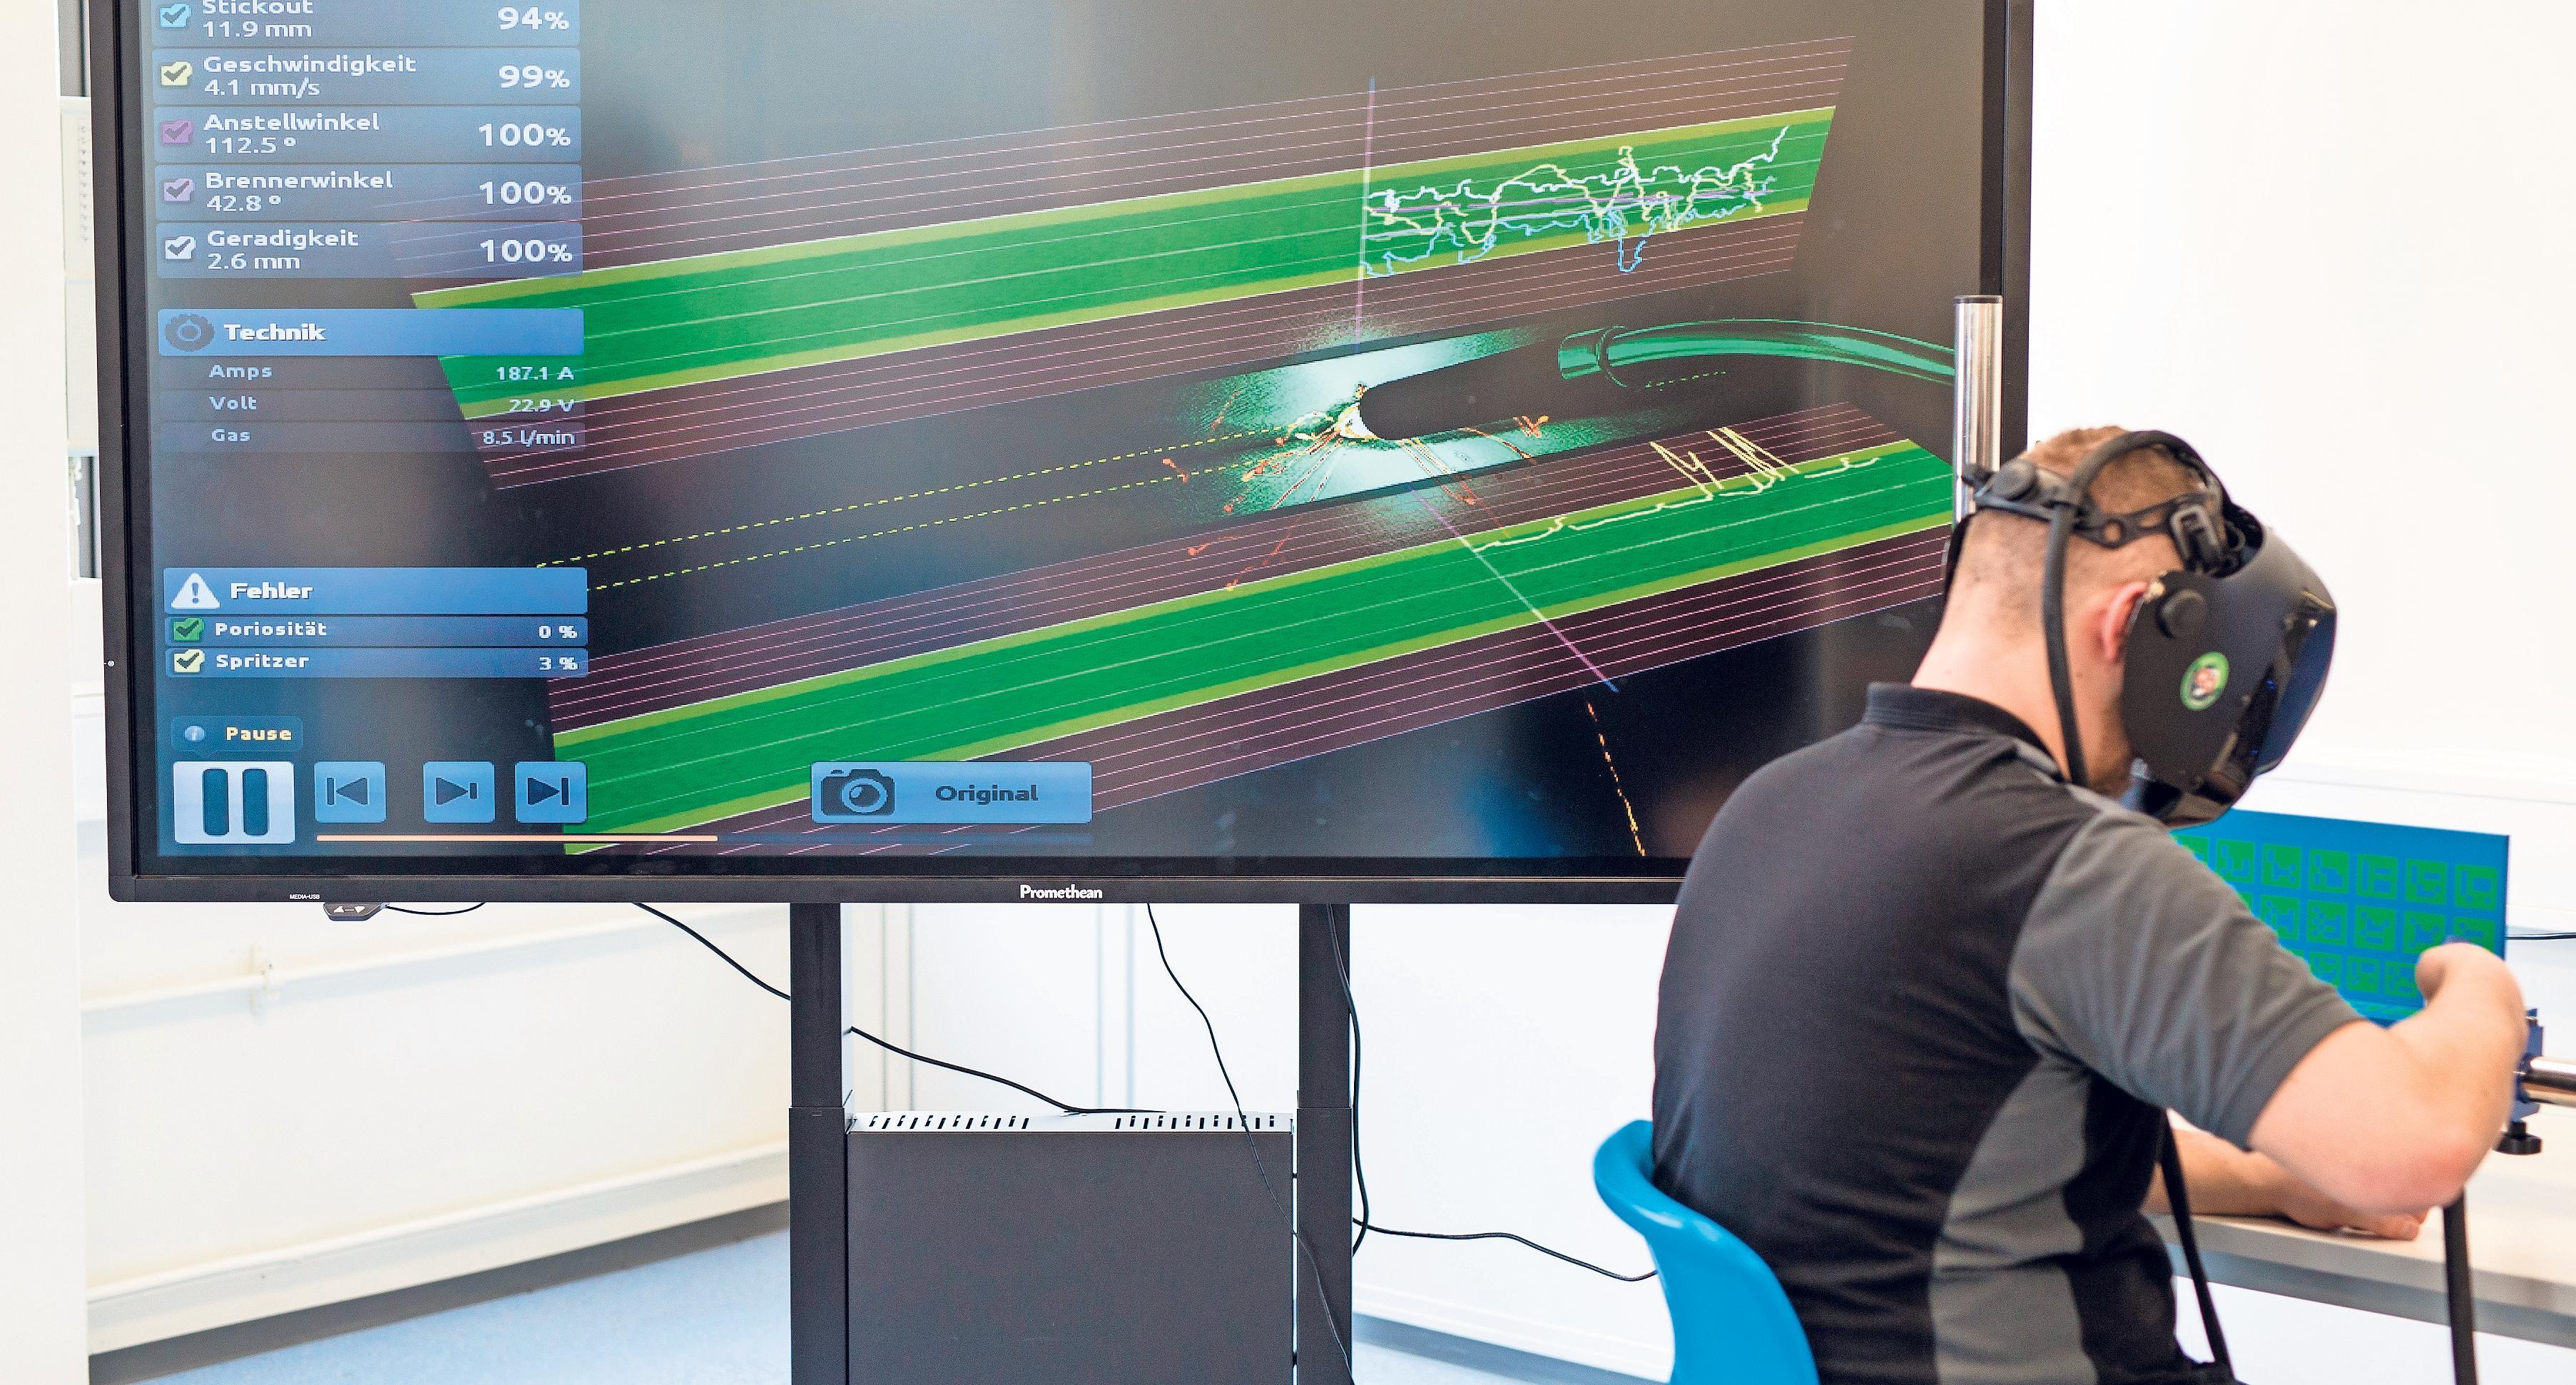 Computer an jedem Arbeitsplatz: Kaum ein Ausbildungsberuf wird in Zukunft noch ohne moderne digitale Technik auskommen – so wie hier im Industrie-4.0-Labor von Daimler. Foto: Christoph Schmidt/dpa/dpa-tmn